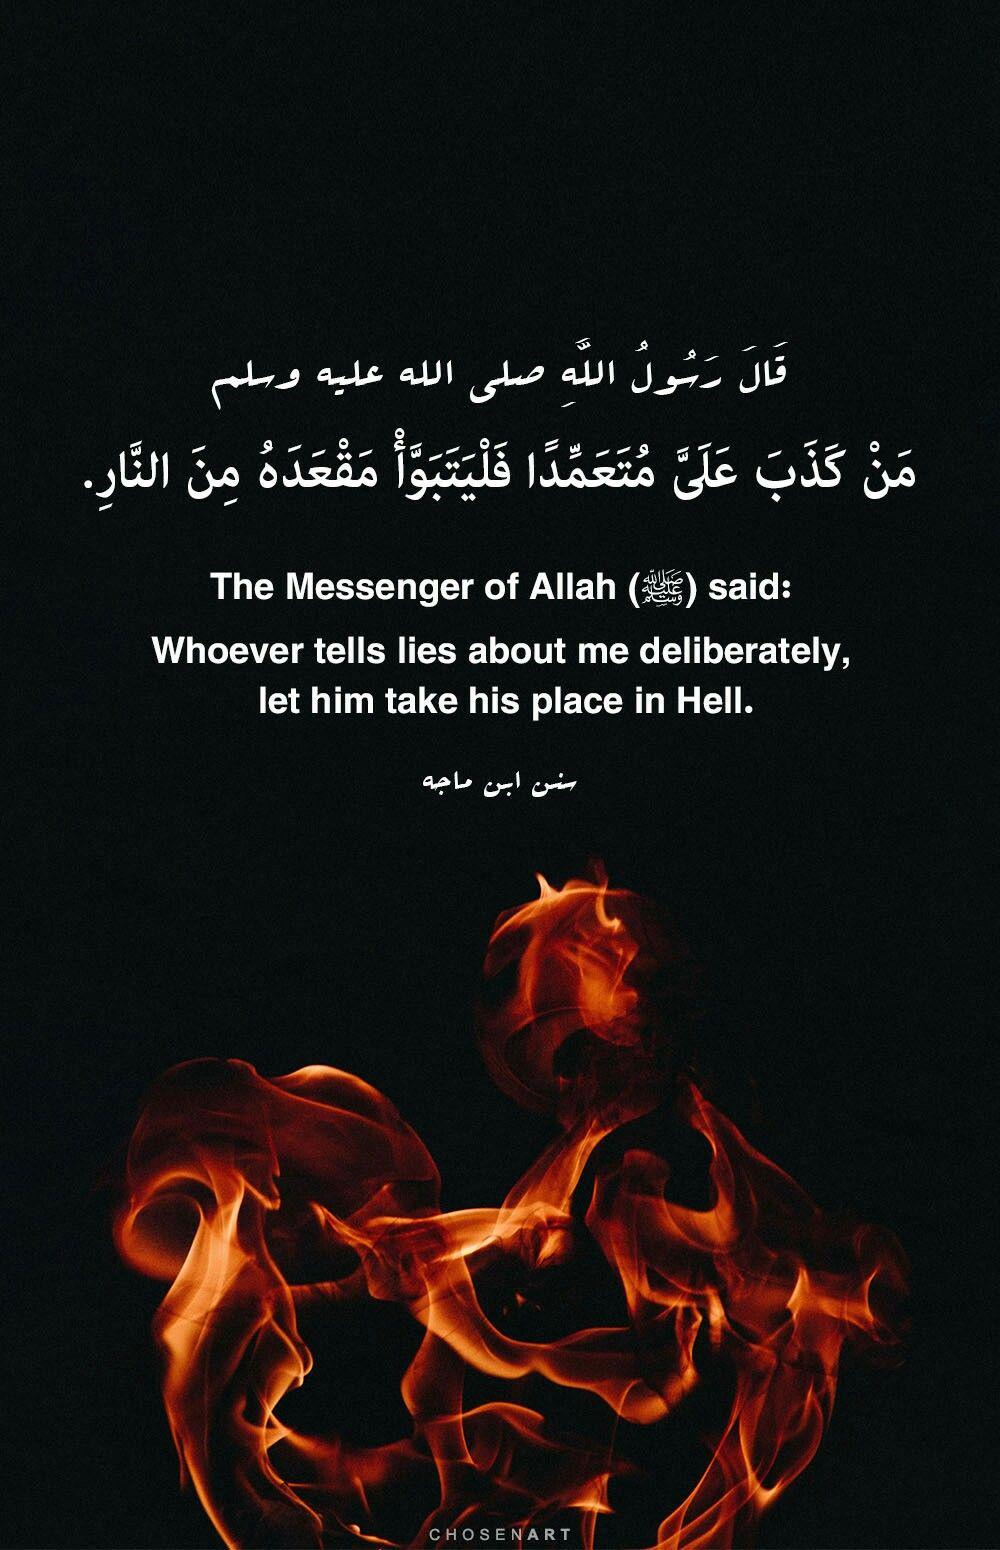 الكذب على النبي صلى الله عليه وسلم منكر عظيم وإثم كبير وذلك لقوله صلى الله عليه وسلم إن كذبا علي ليس ككذب على أحد م Hadith Noble Quran Islamic Quotes